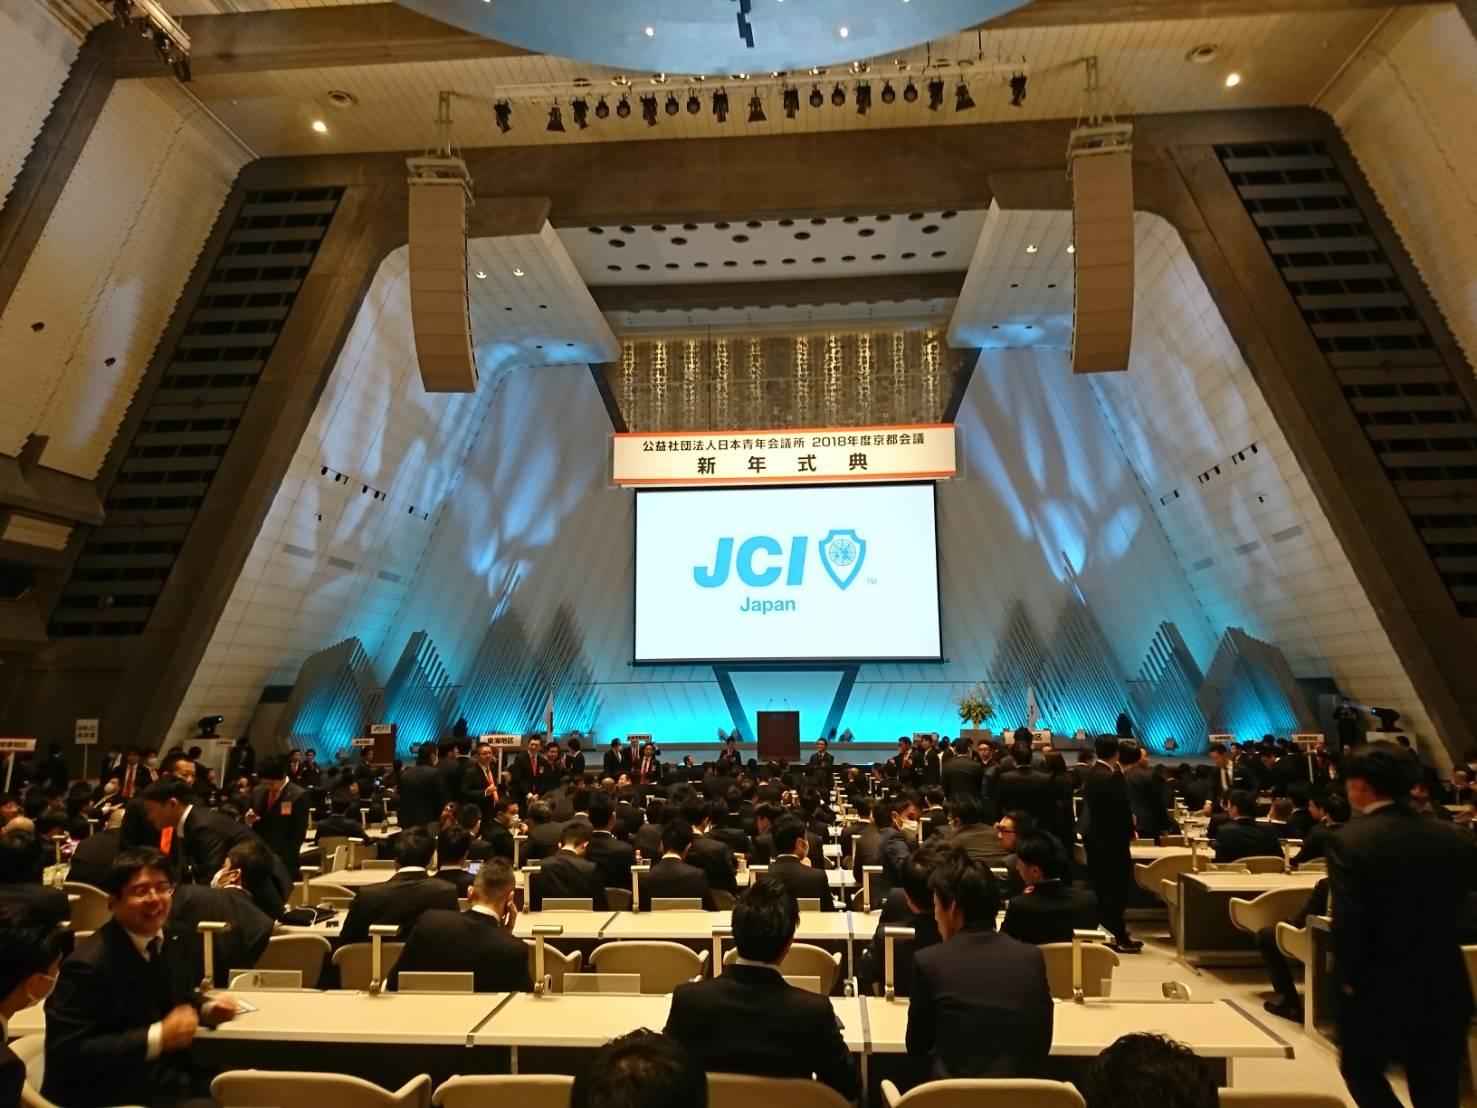 2018年度 京都会議のサムネイル画像1